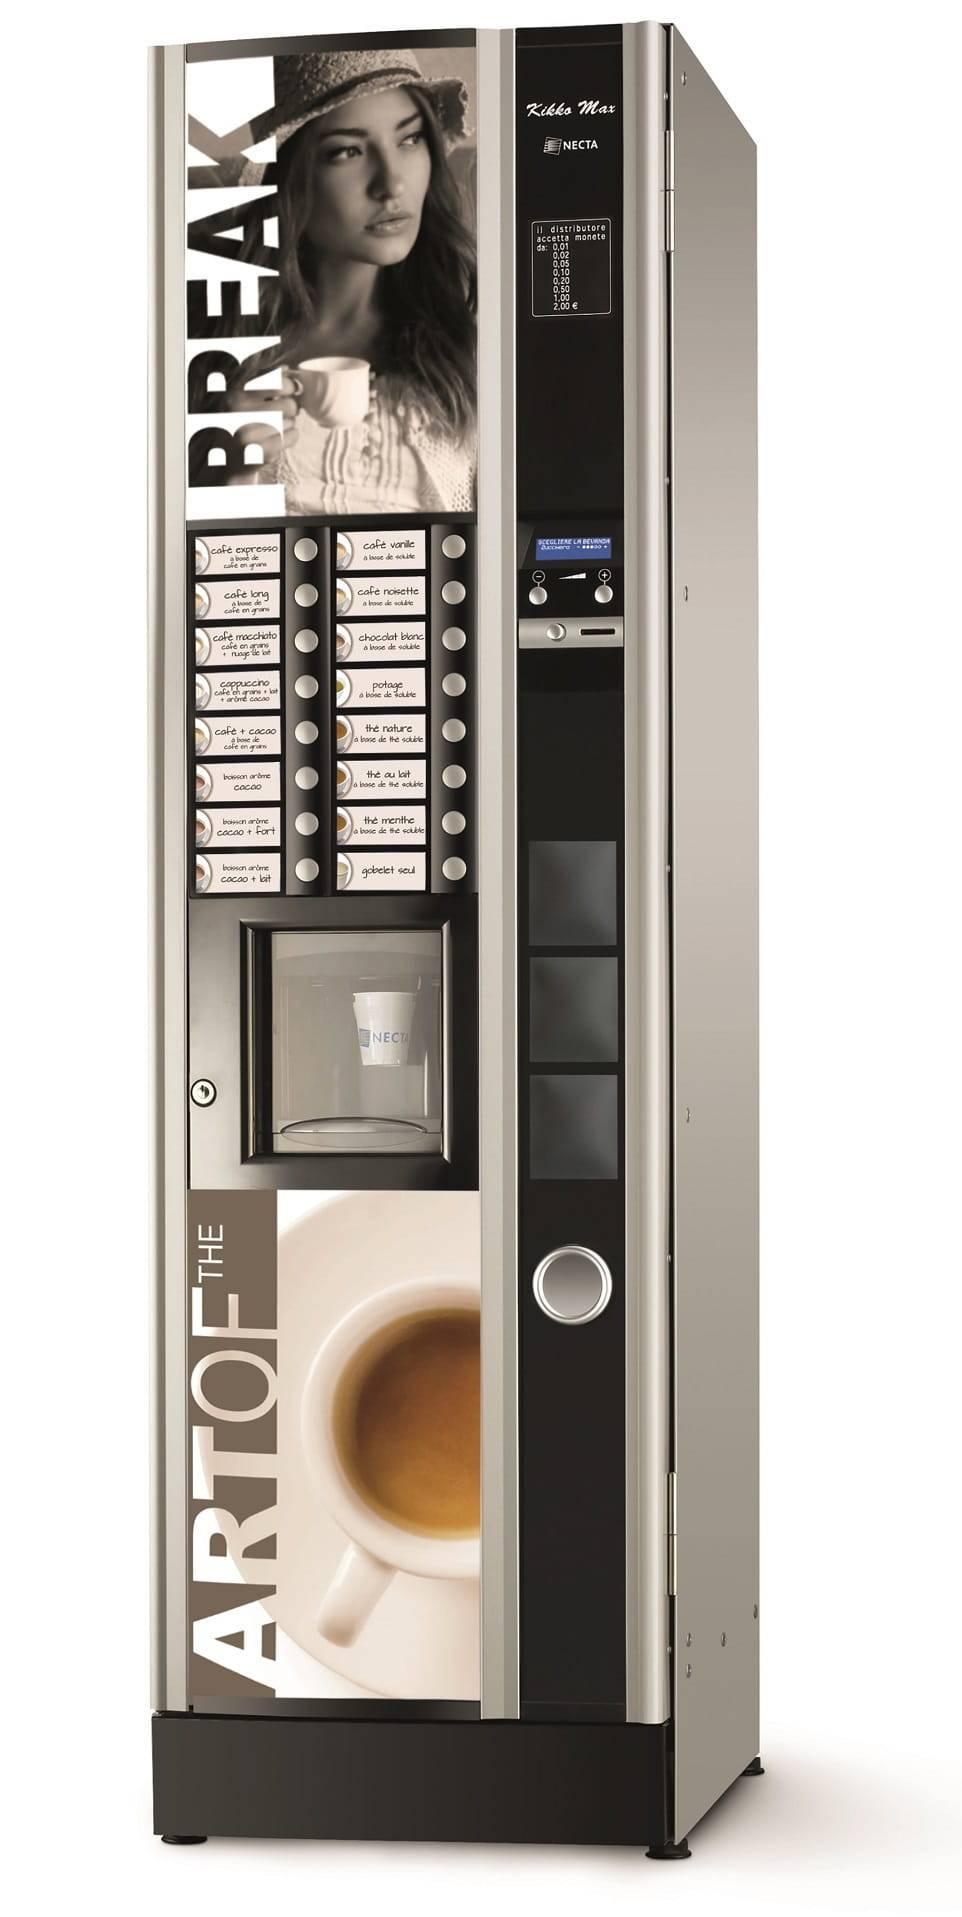 Как выбрать кофейный аппарат для начала вендингового бизнеса?